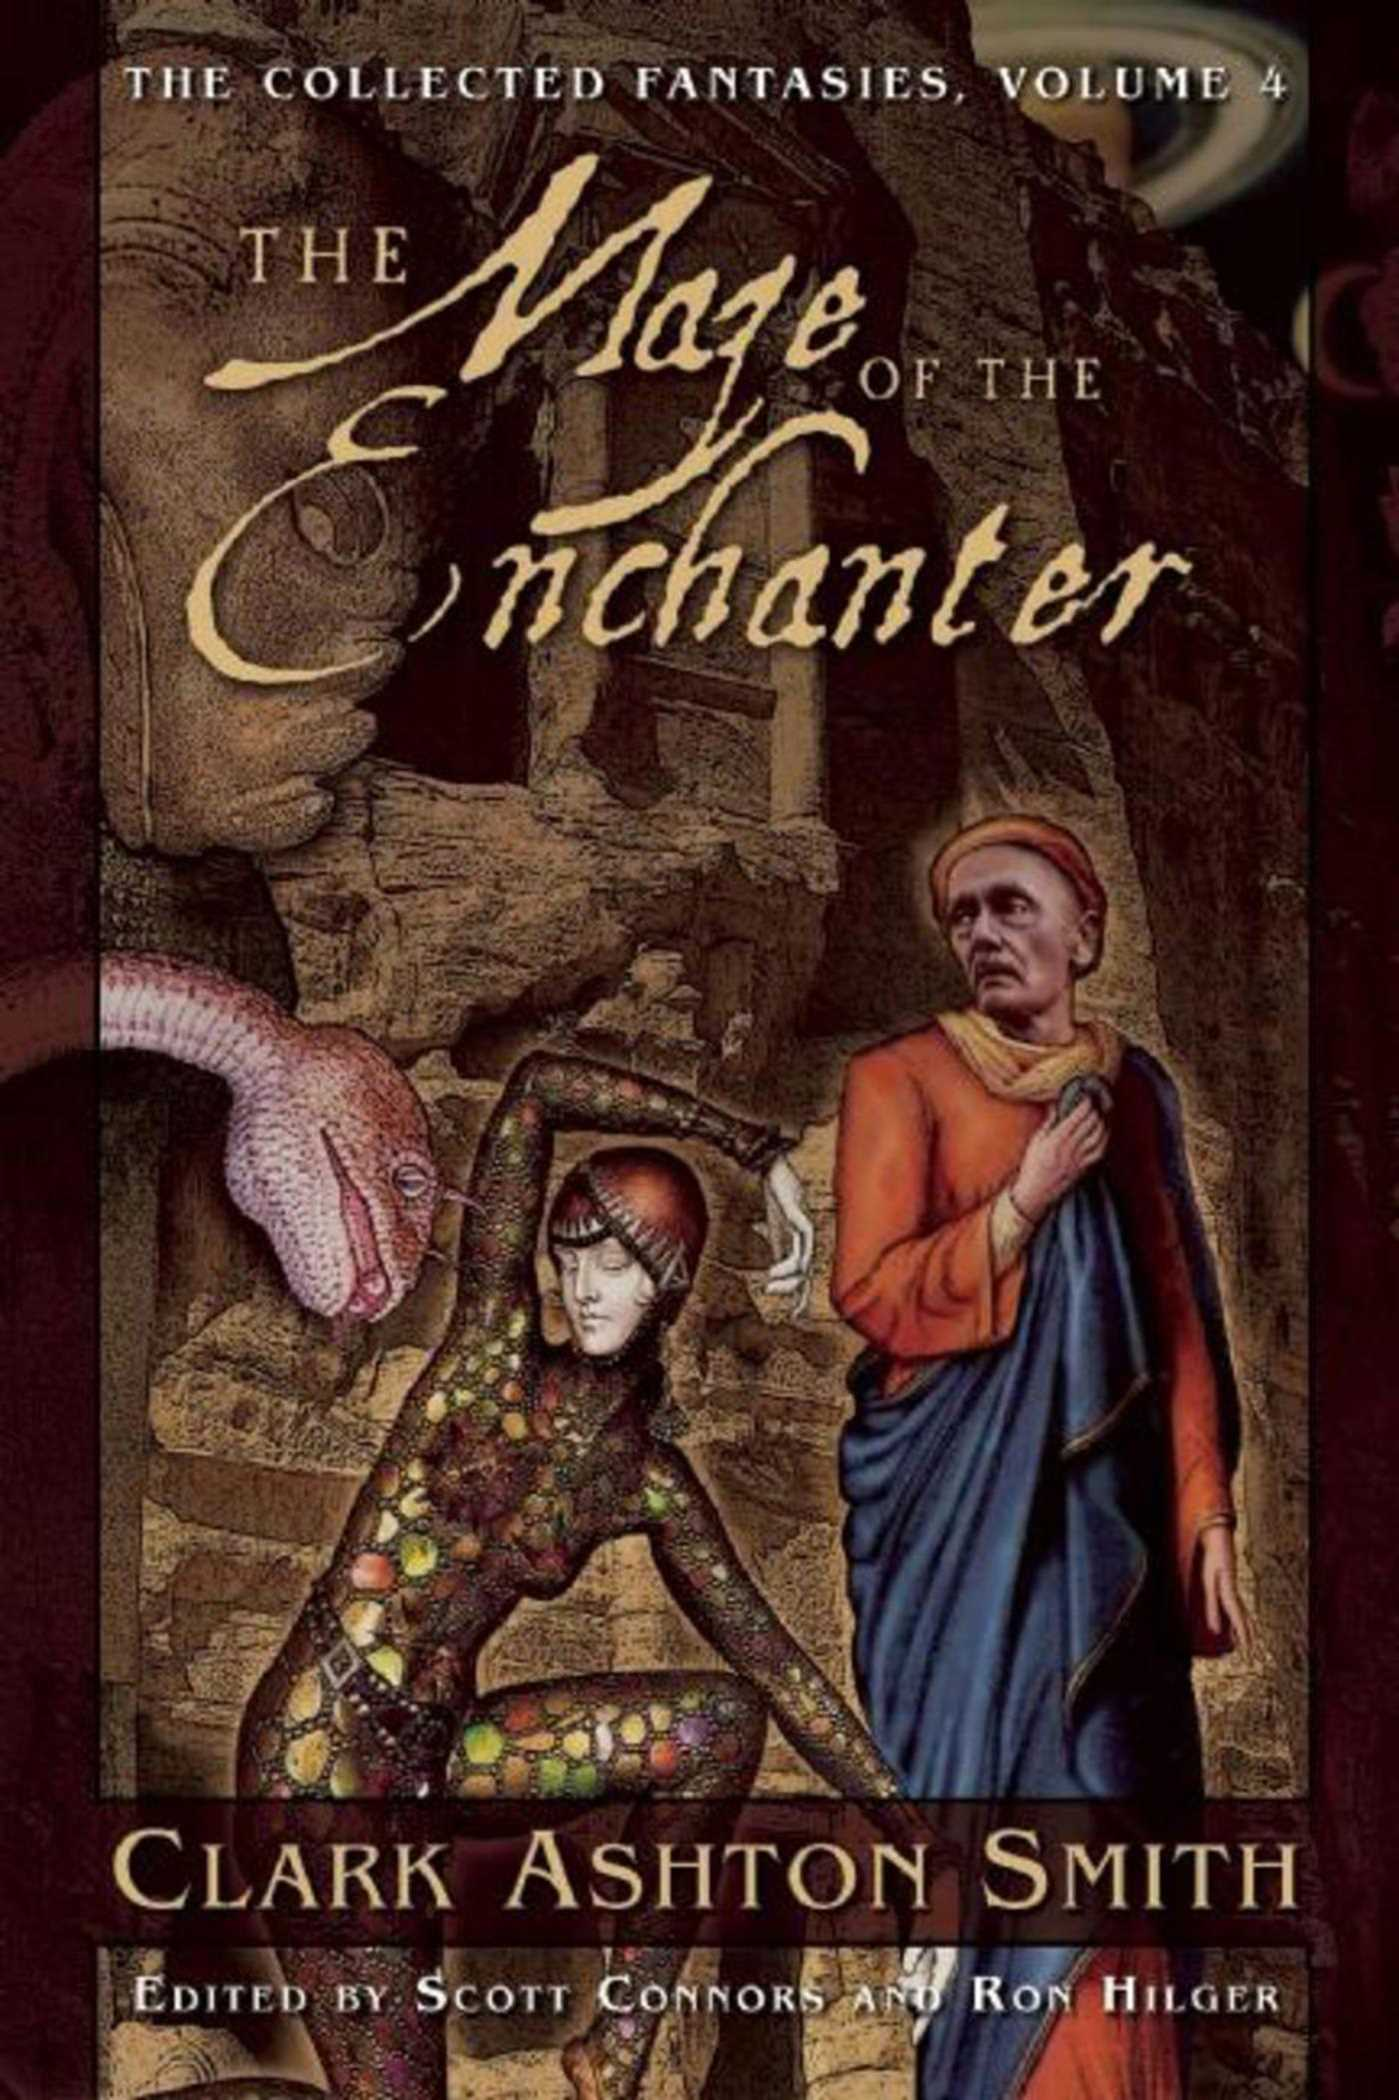 Maze of the Enchanter